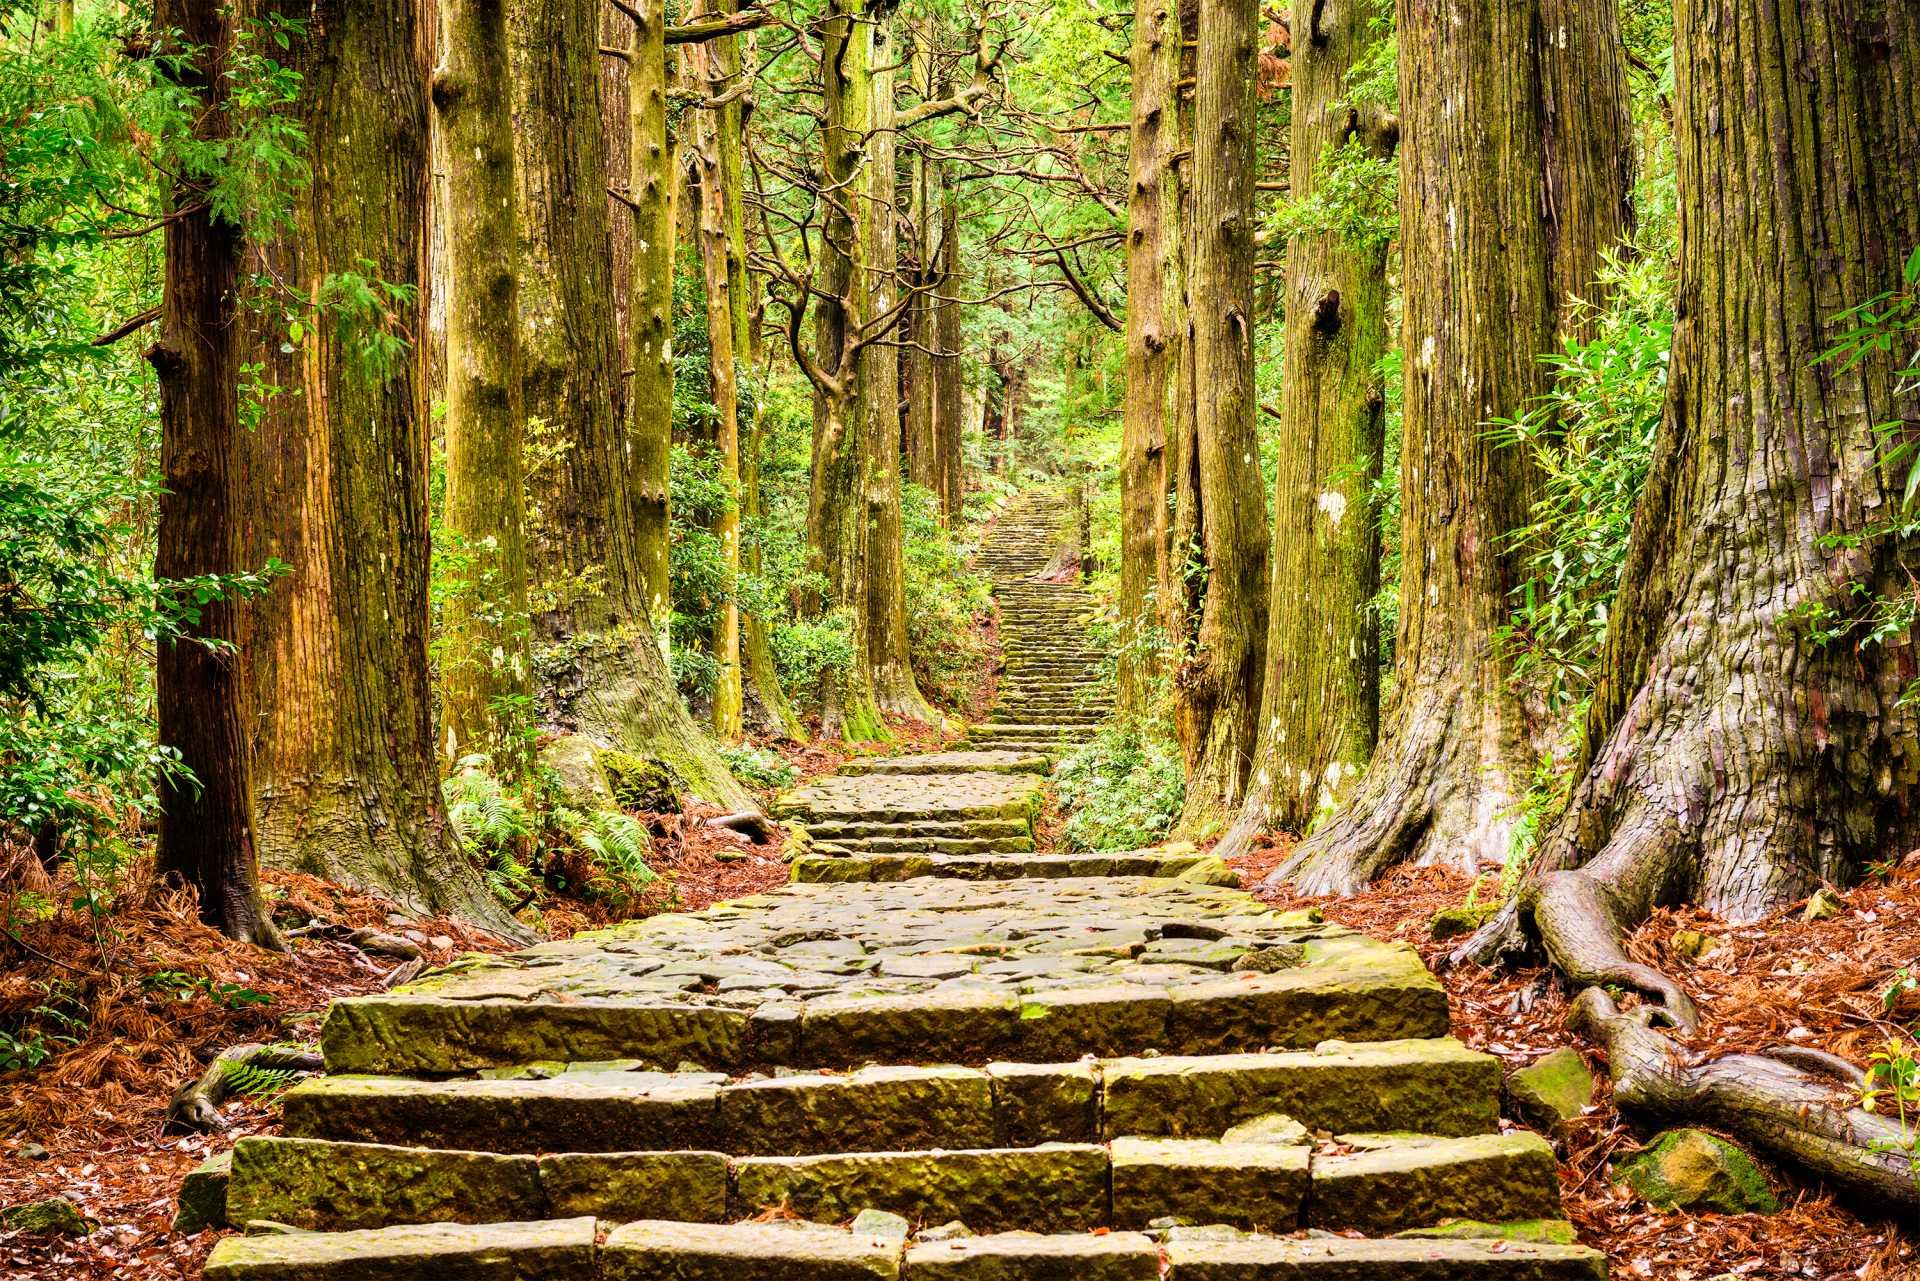 熊野古道、大門坂、世界遺產、石階、那智山、聖地